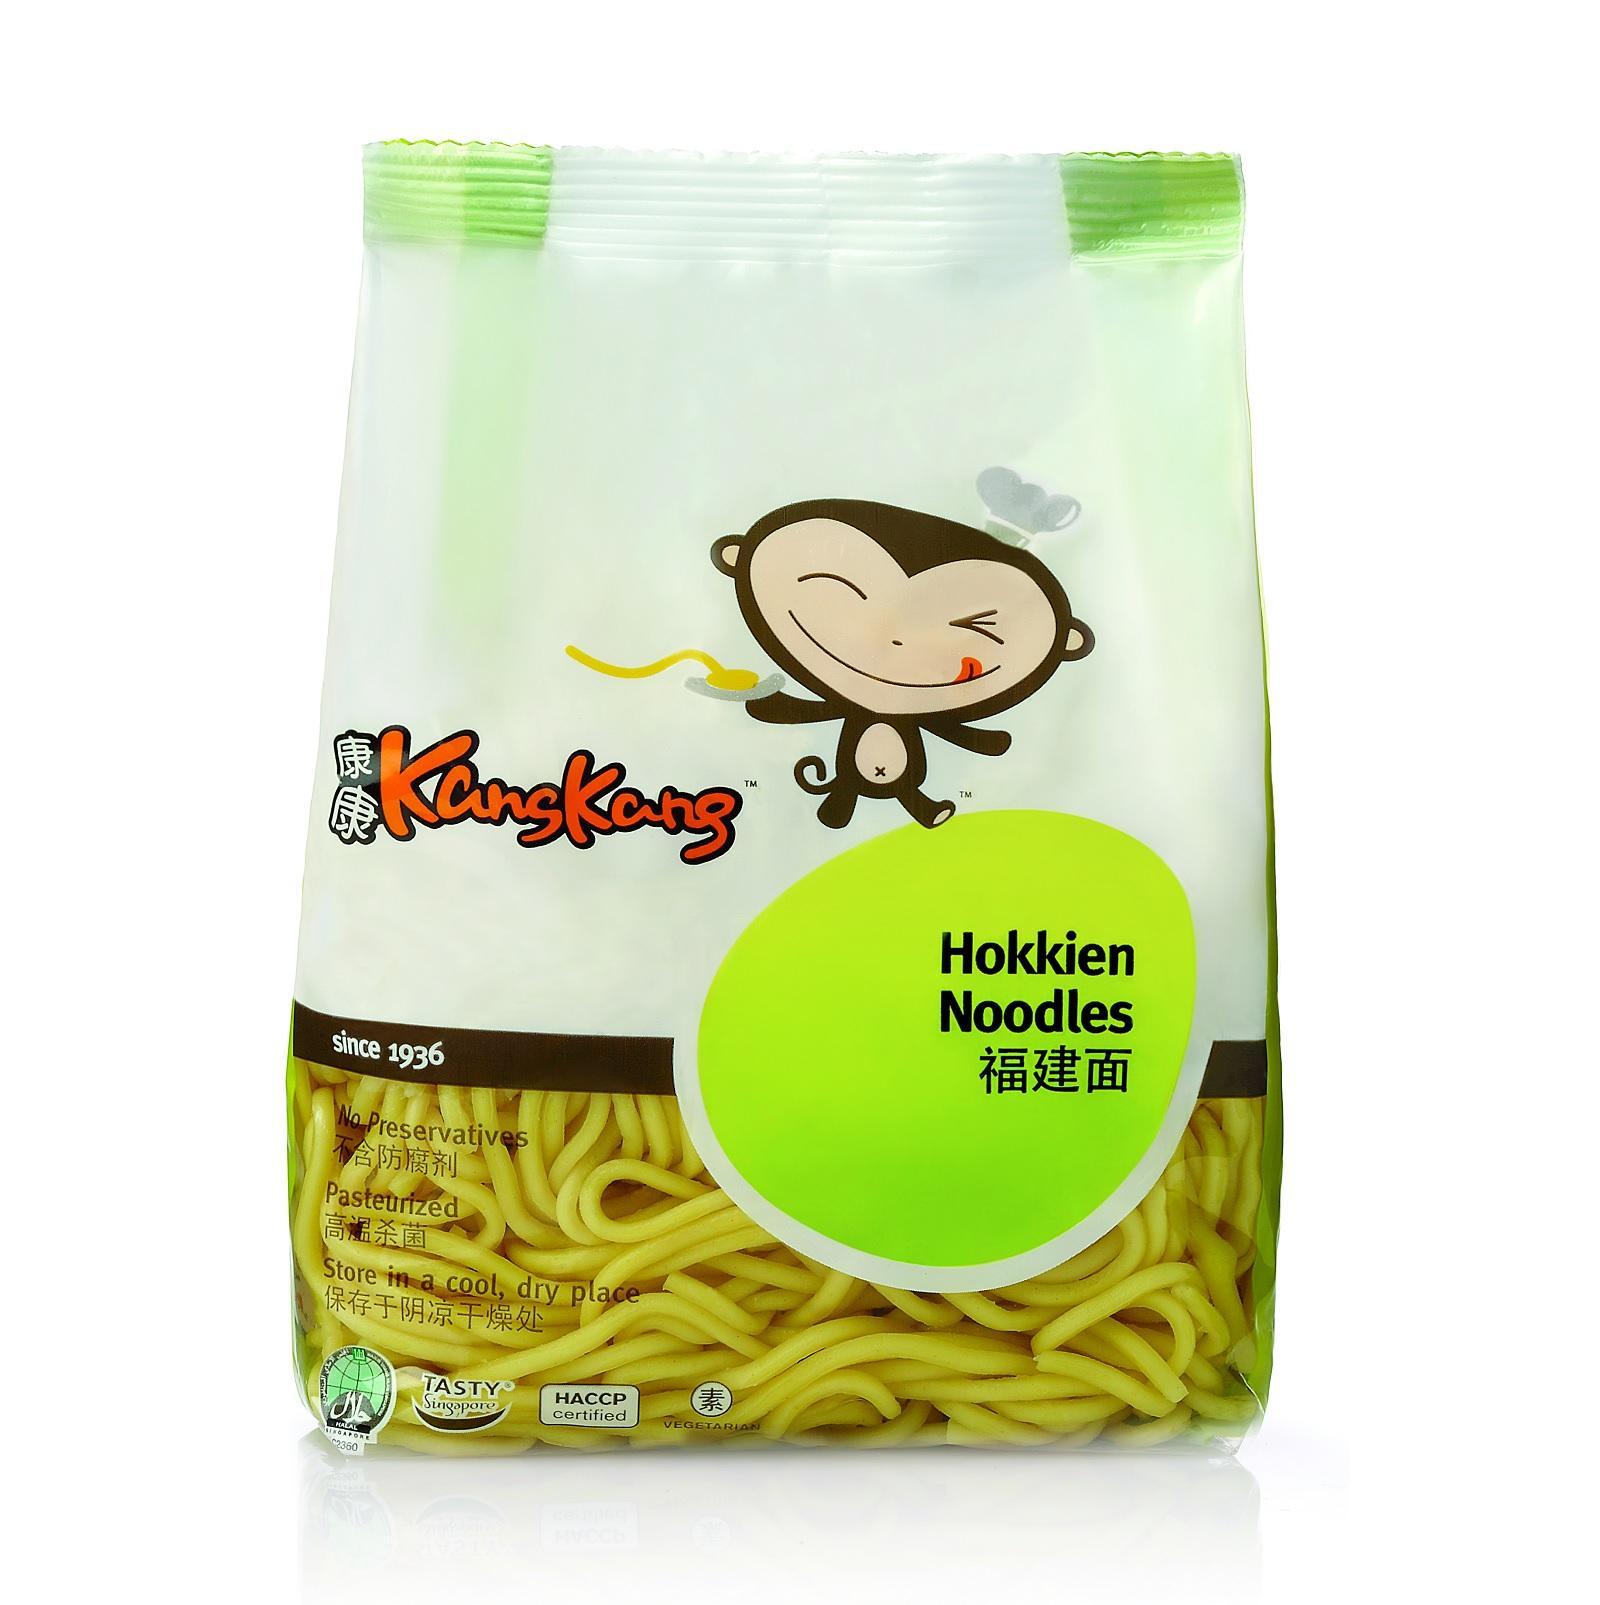 Kang Kang Pasteurised Hokkien Noodles By Redmart.